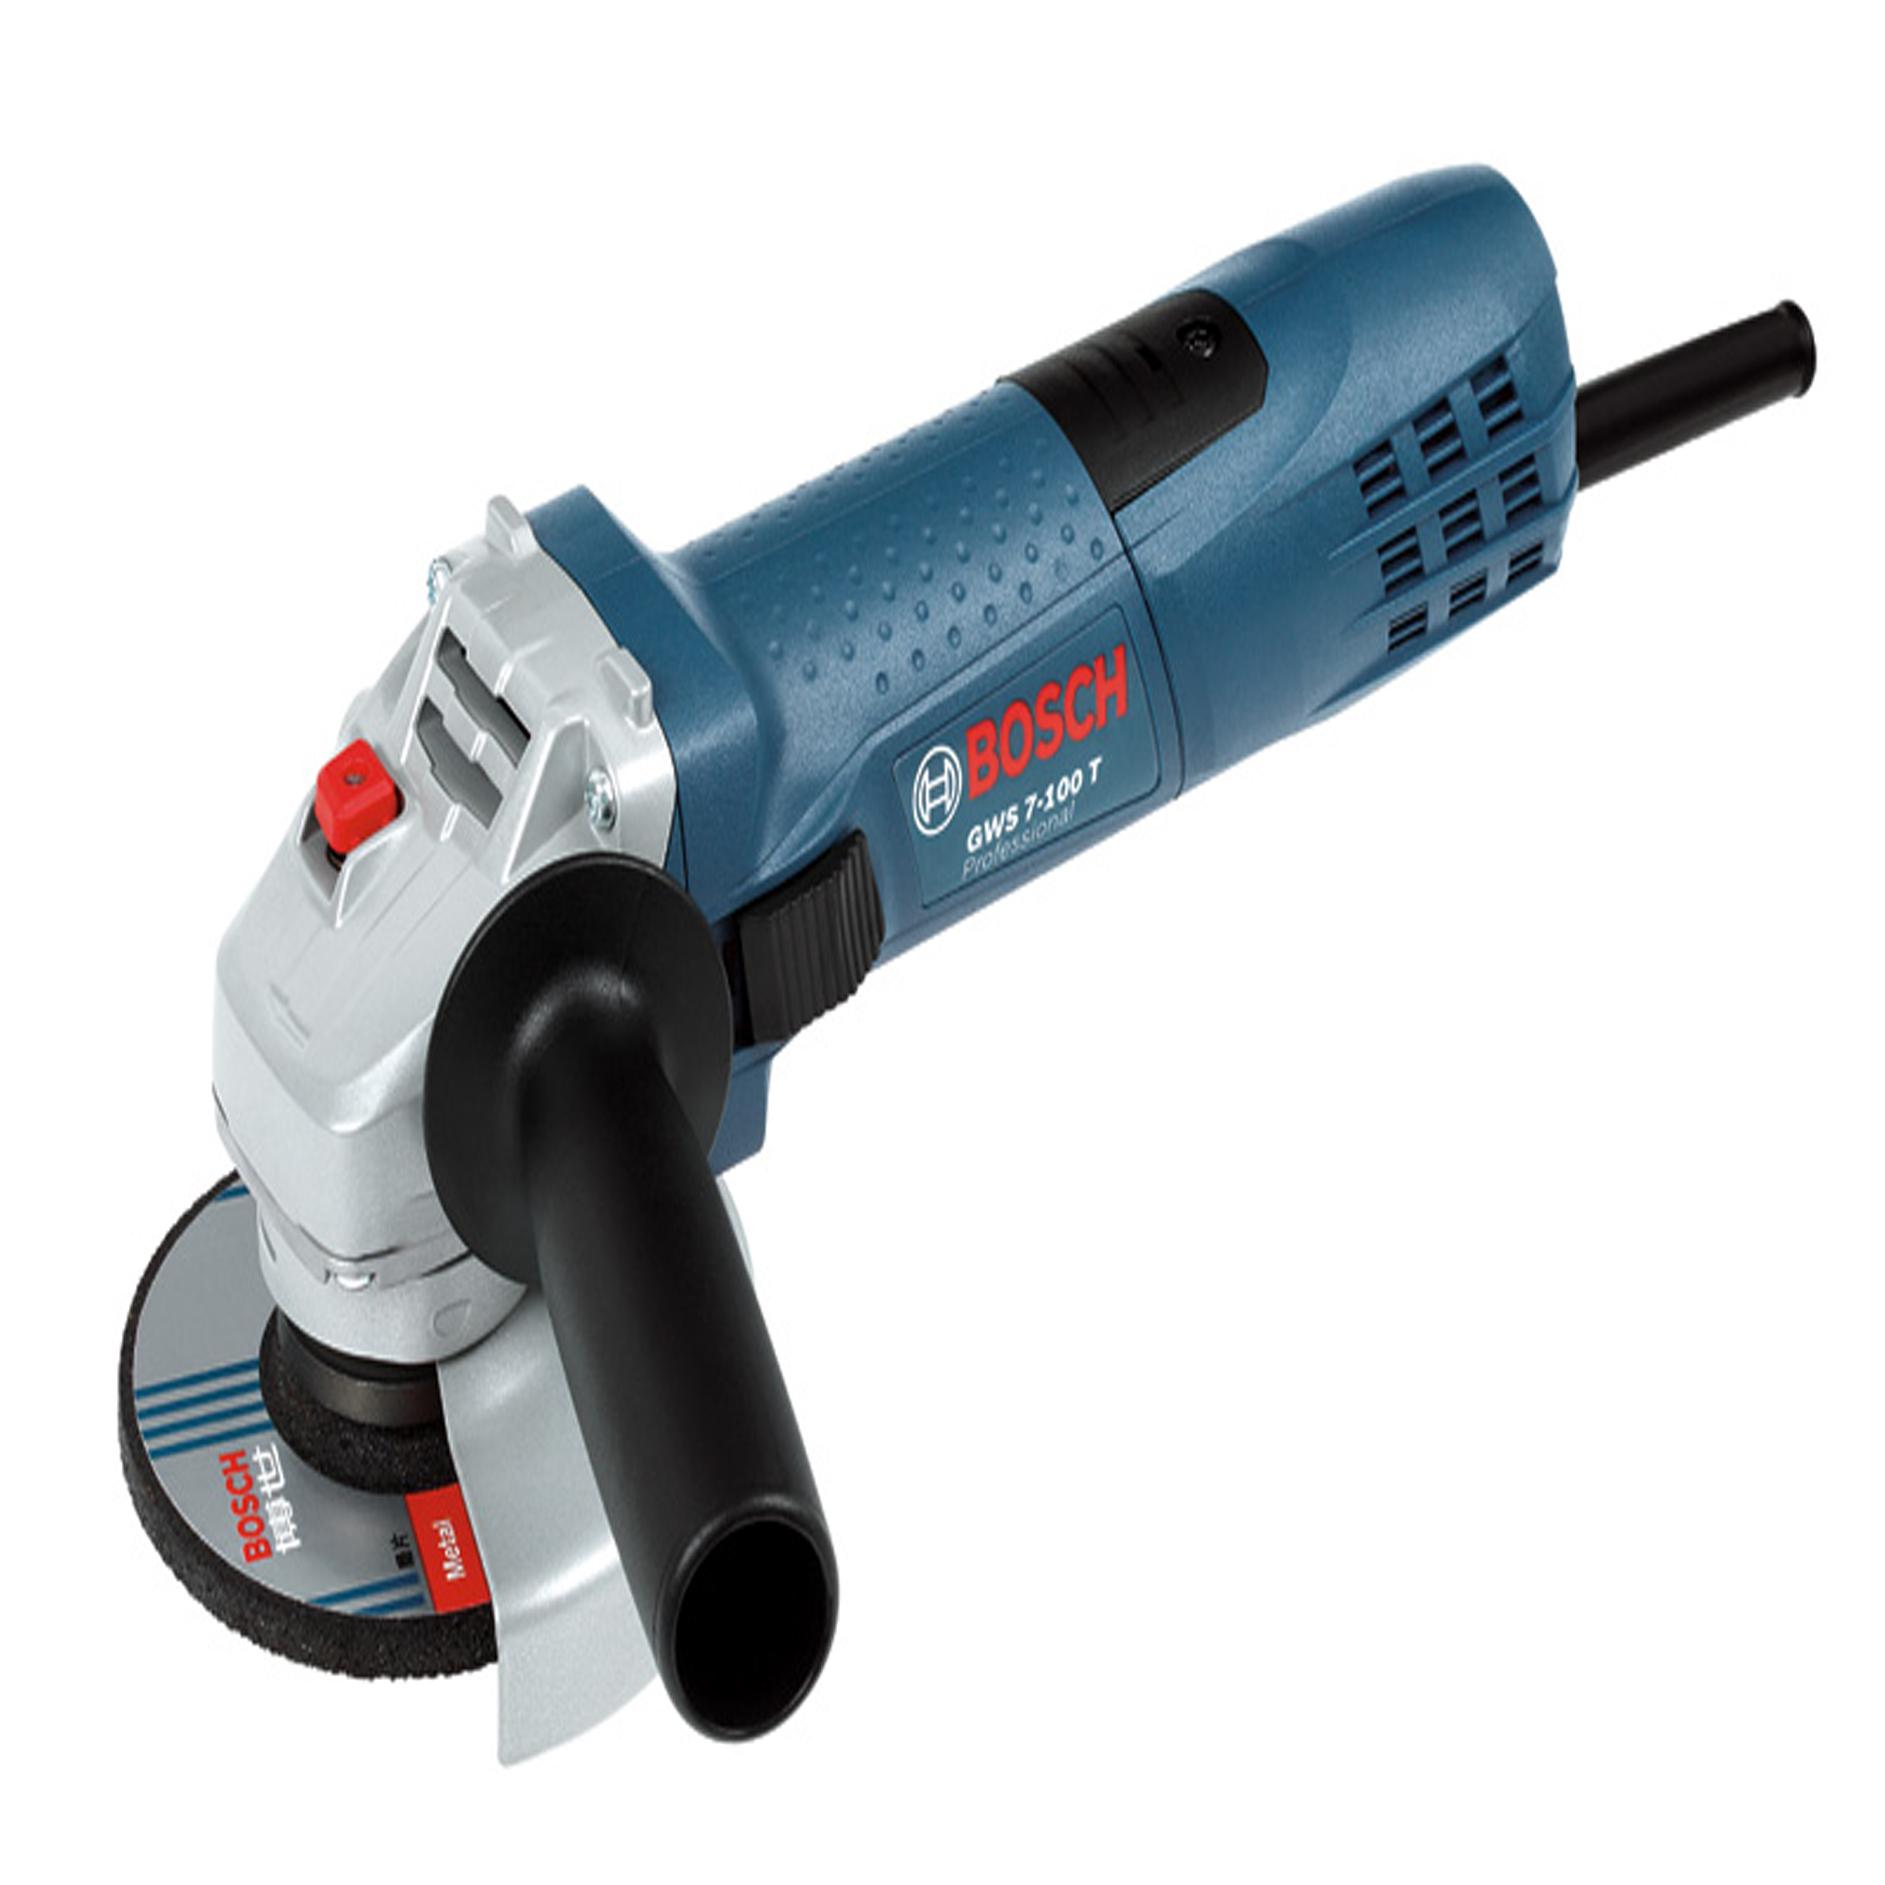 Daftar Harga Mesin Gerinda Bosch Hand Pipe Bender Krisbow 3 8 7 8in Kw1500520 Gws 100 T Tangan Professional